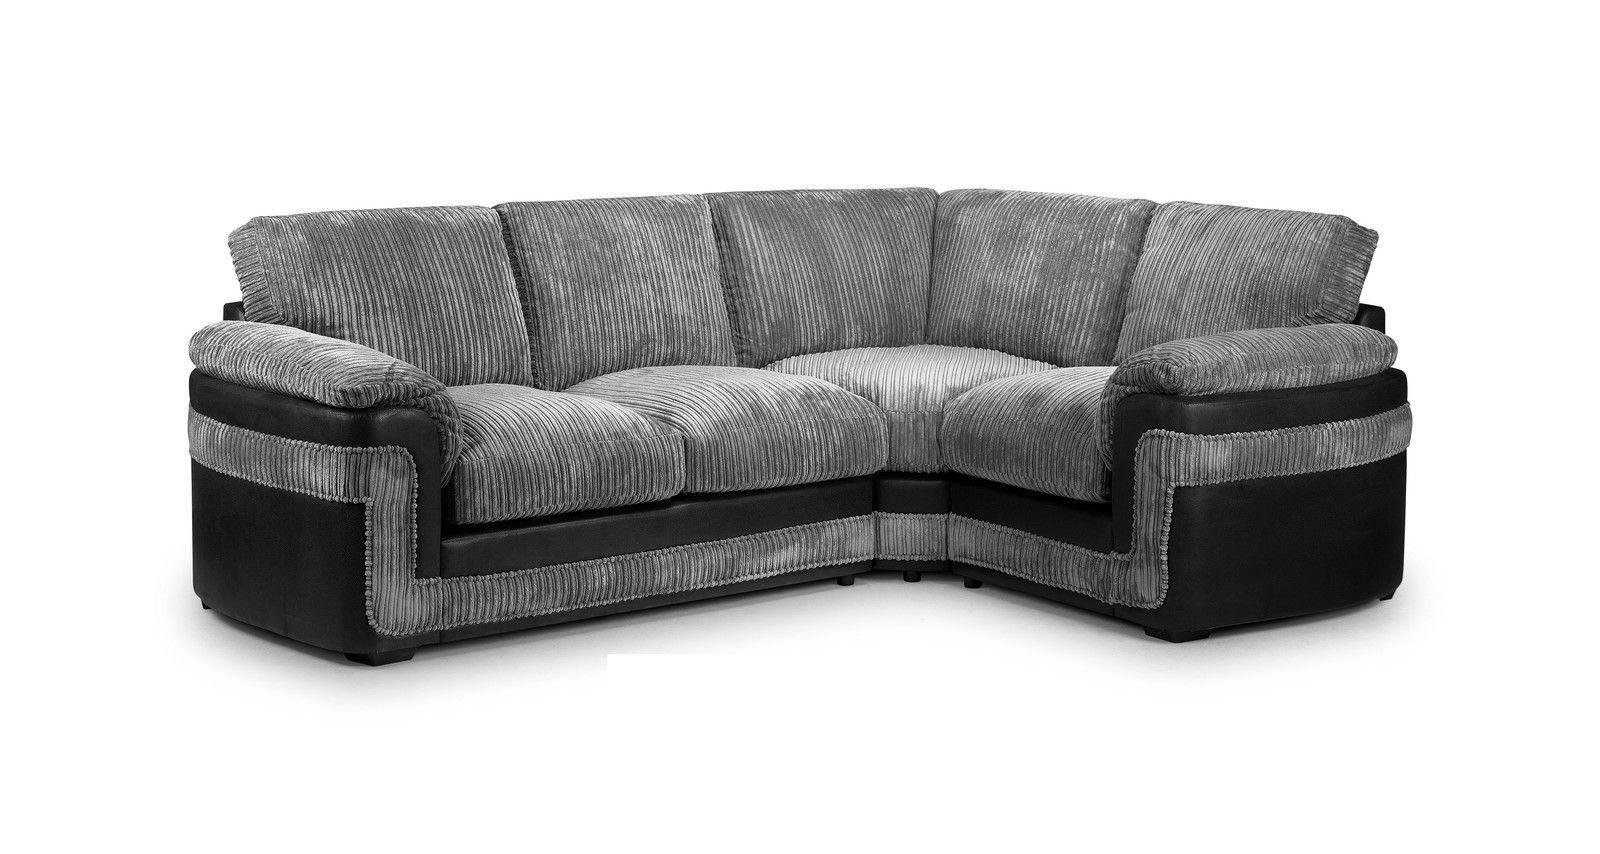 Corner Sofa Cover Bed Slipcover | Deseosol In Black Corner Sofas (View 16 of 20)